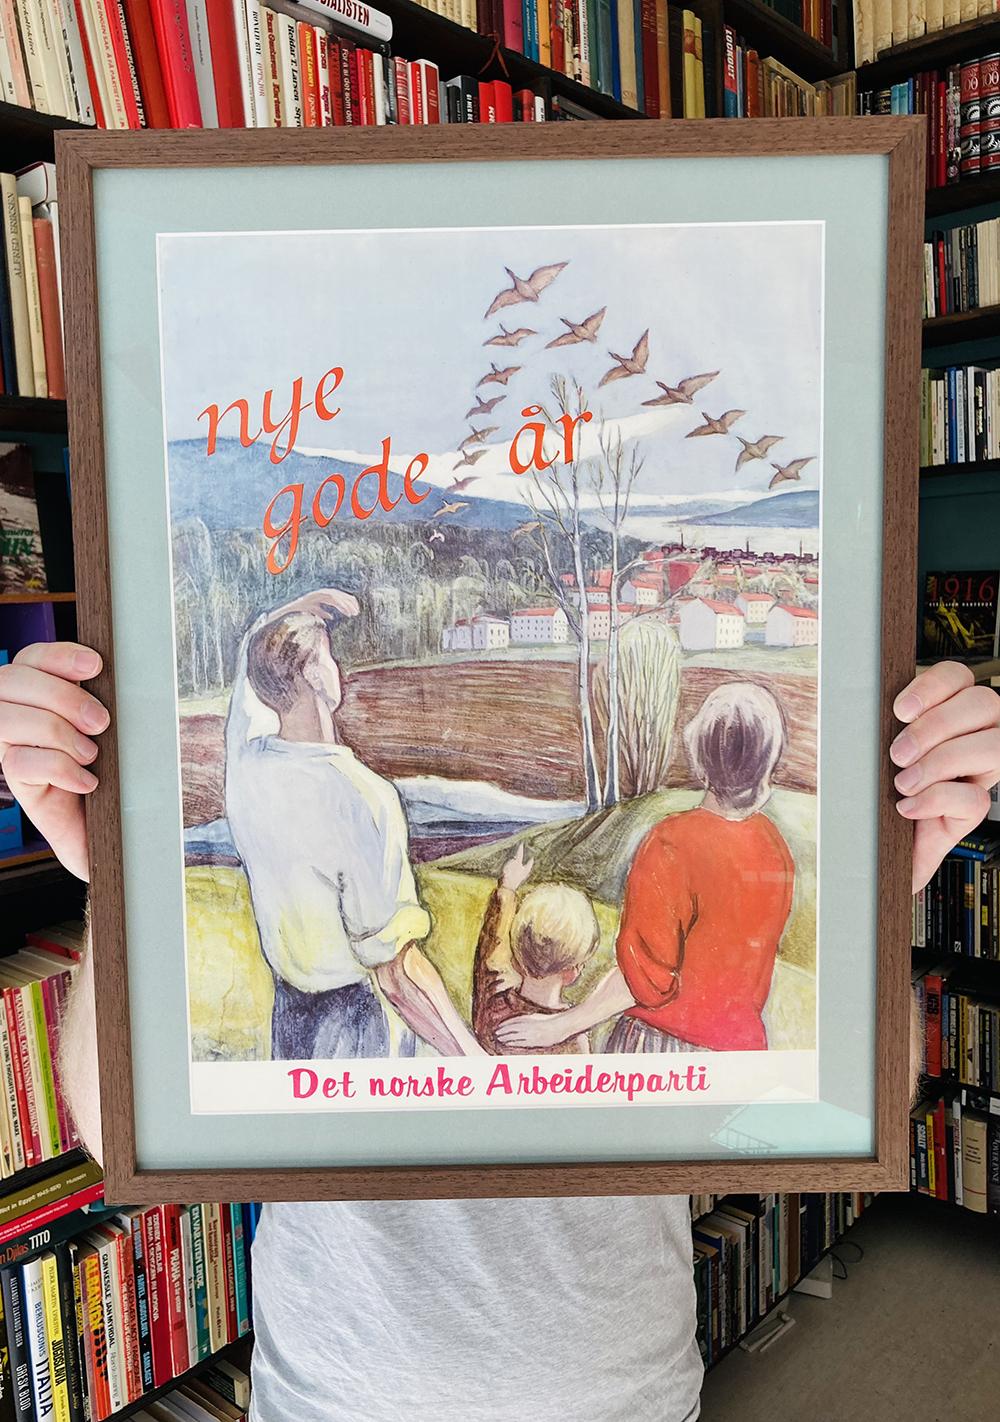 Nye gode år (1961)